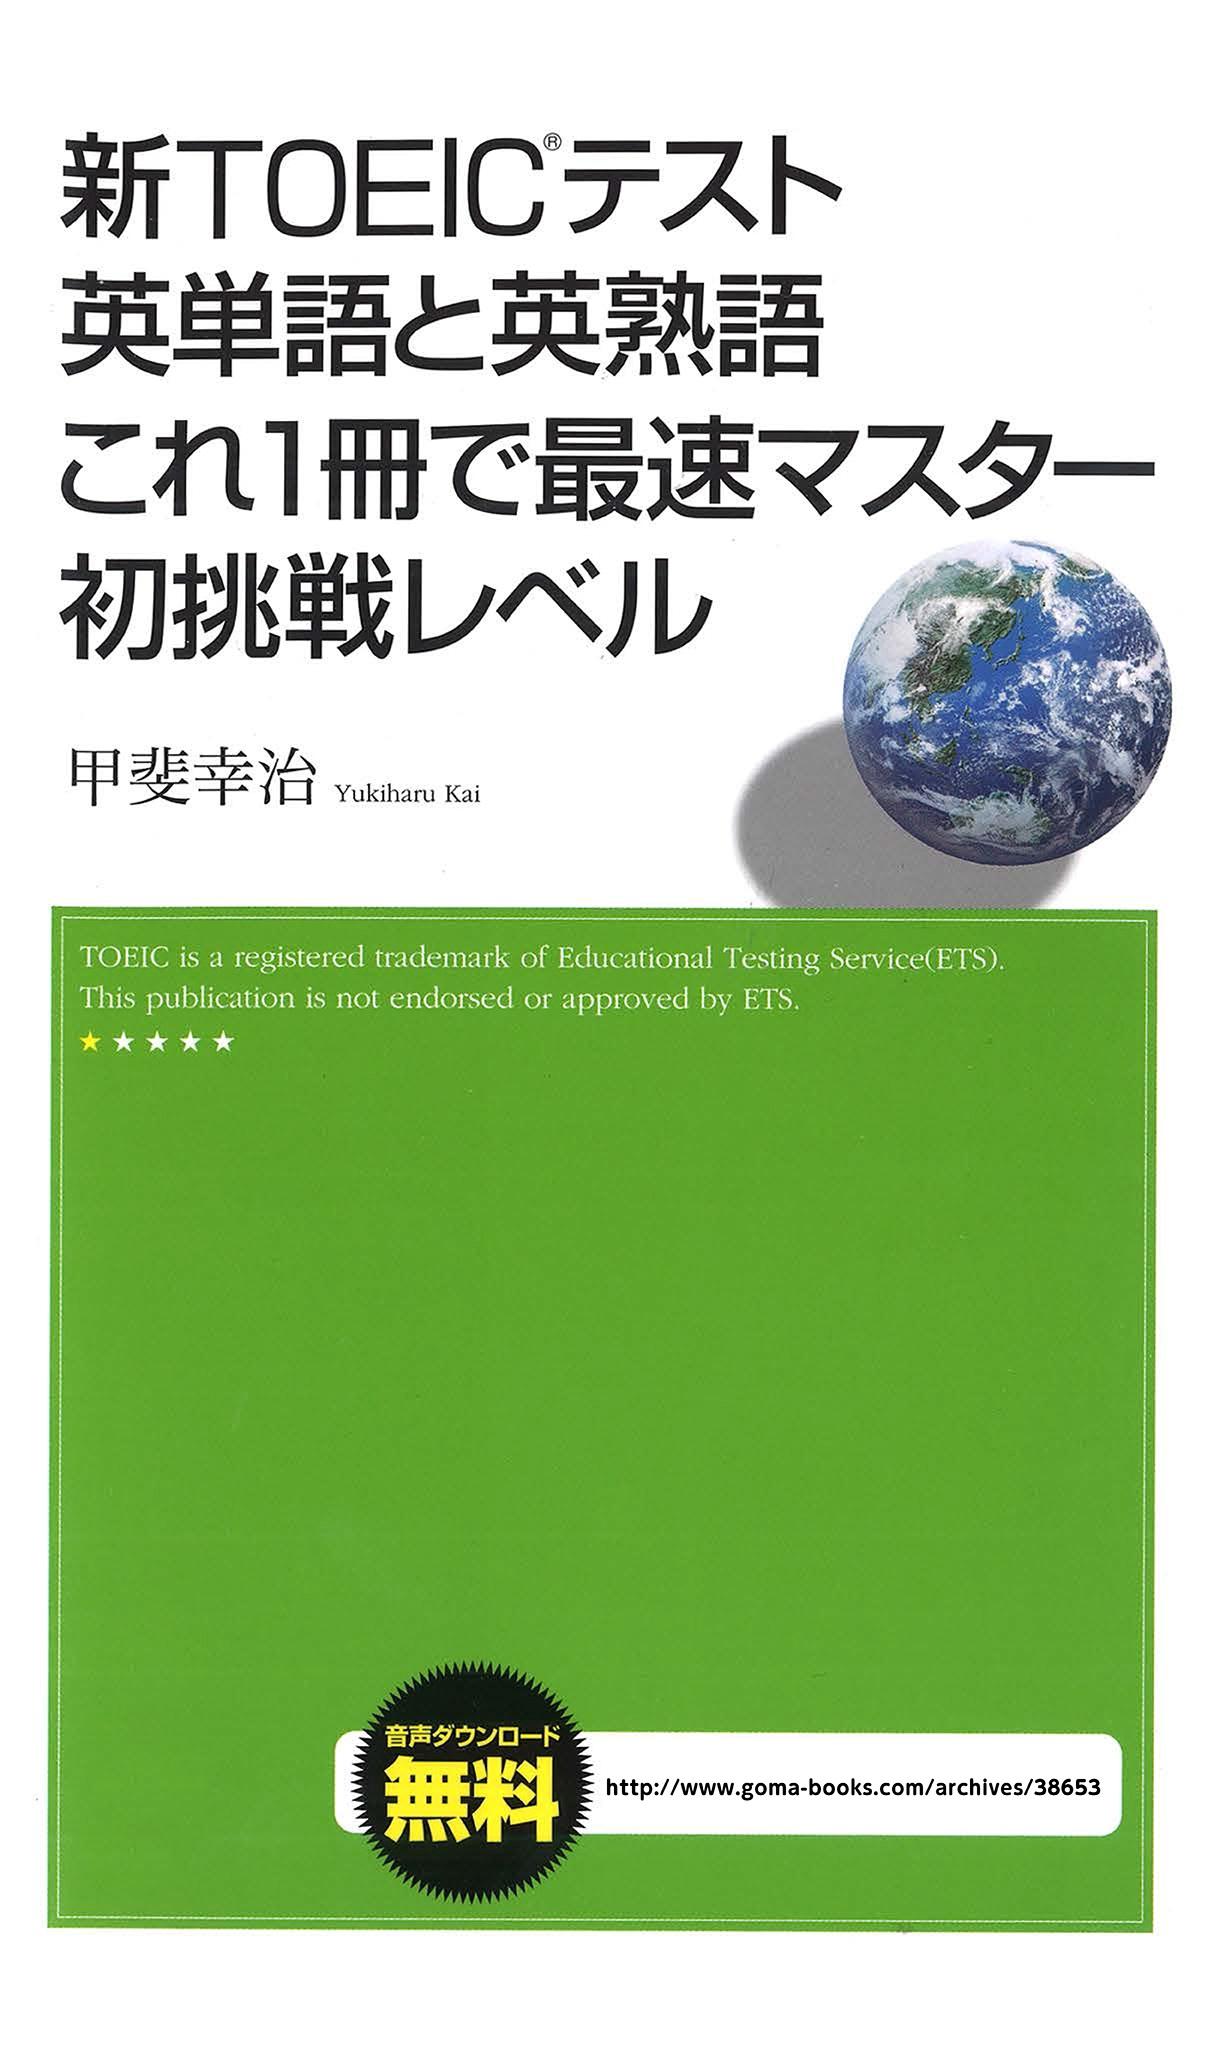 【音声DL付】新TOEICテスト 英単語と英熟語 これ1冊で最速マスター初挑戦レベル